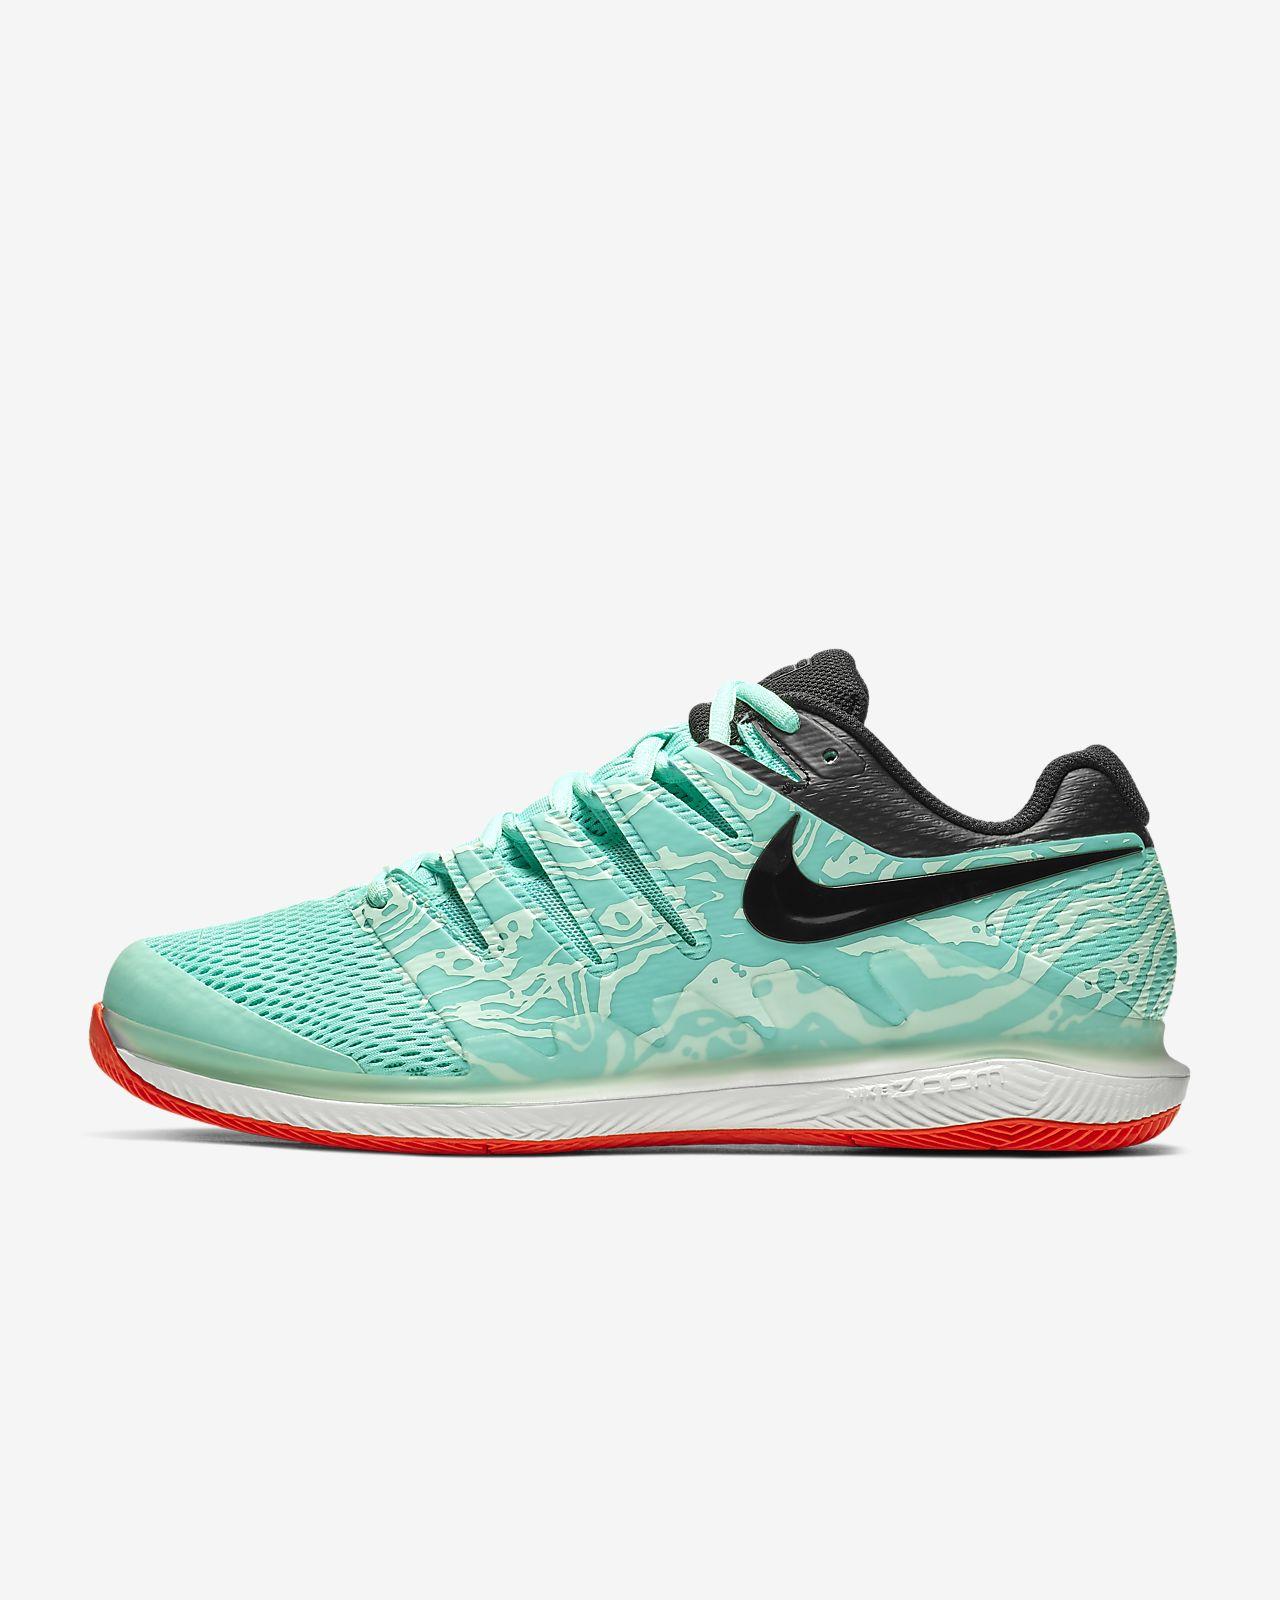 รองเท้าเทนนิสคอร์ทปูนผู้ชาย NikeCourt Air Zoom Vapor X